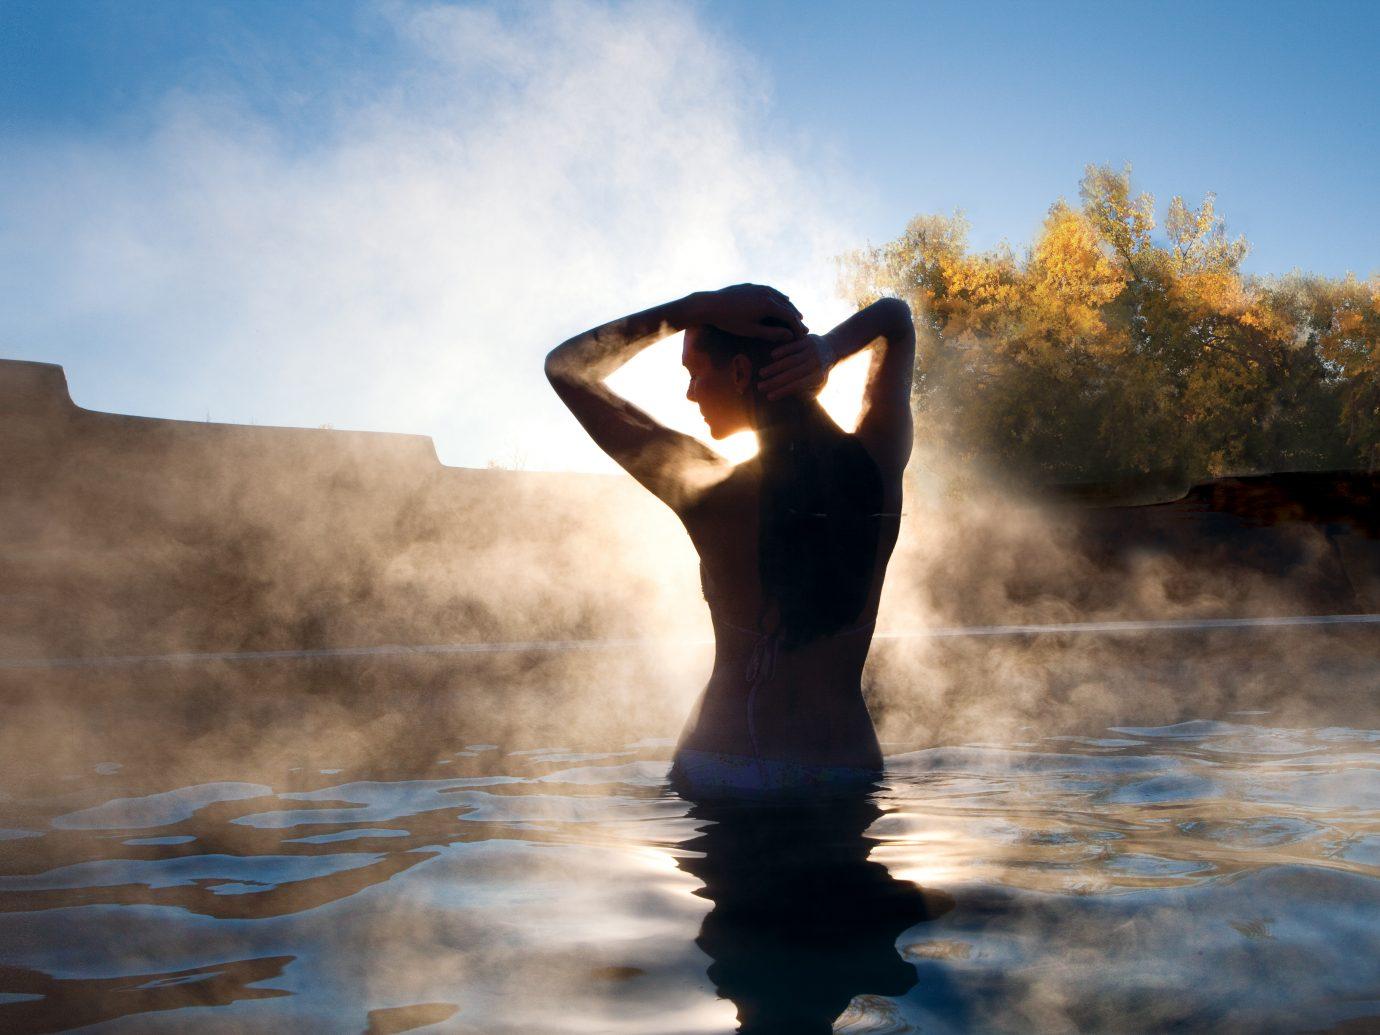 back shot of woman in shadow in springs